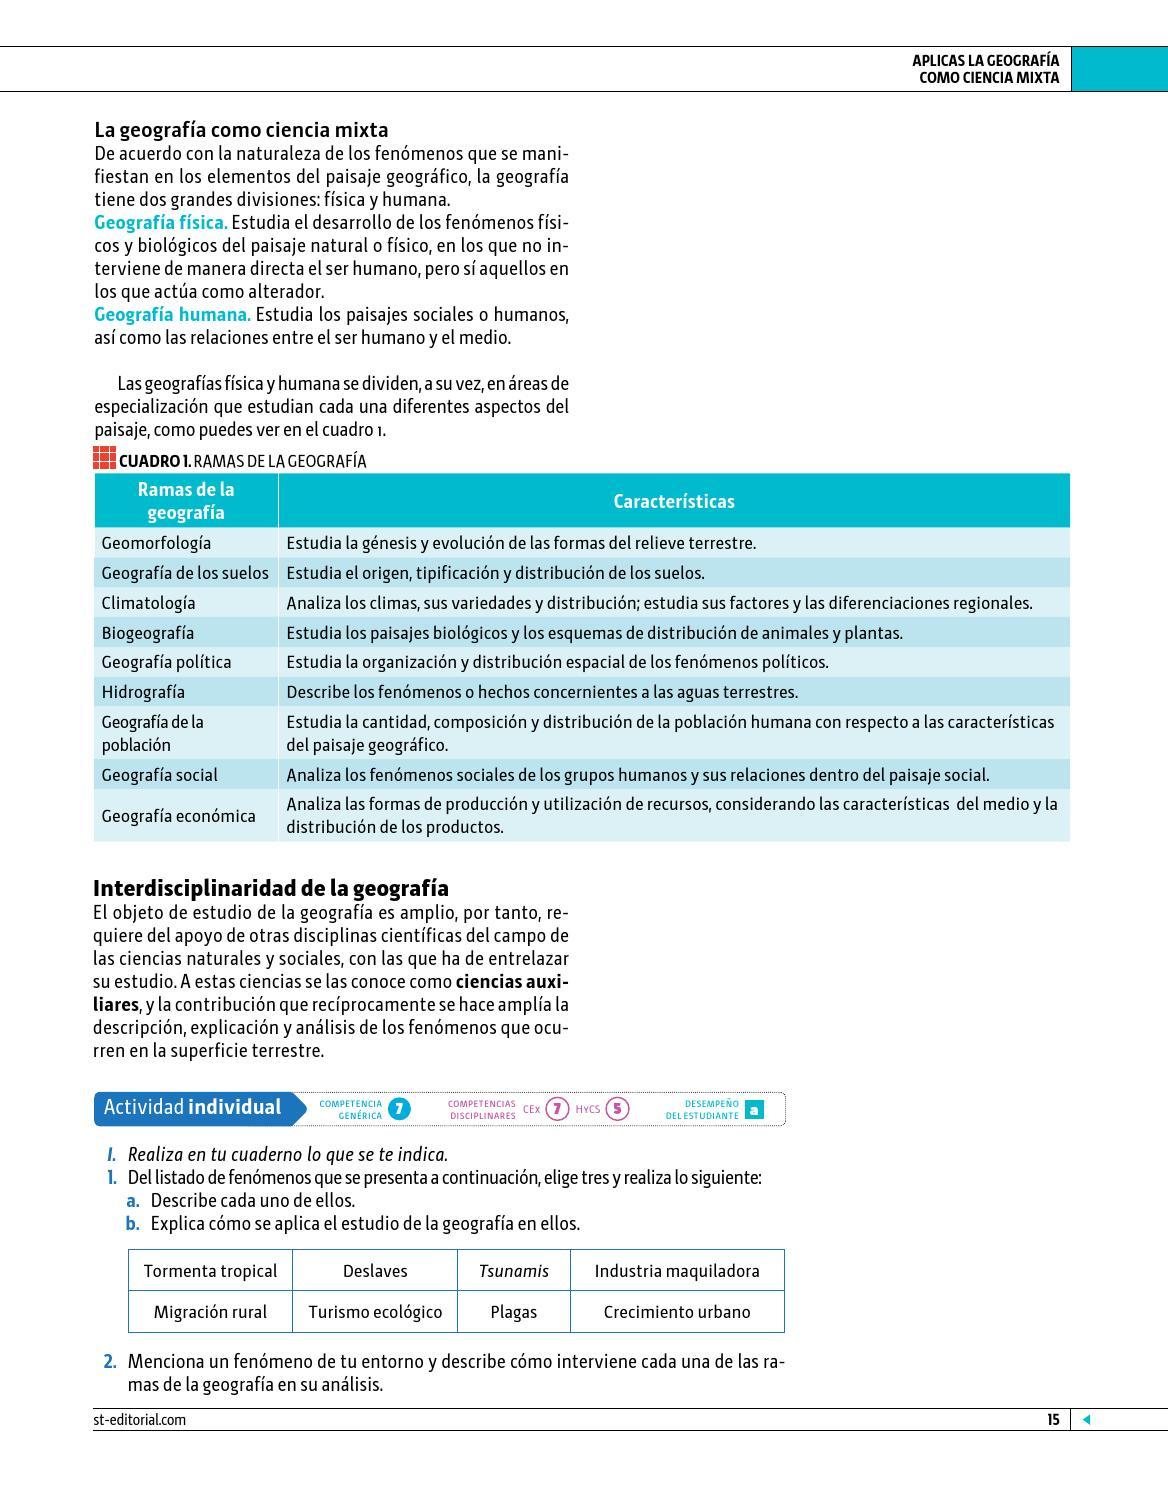 Geografía by eseté editorial - issuu